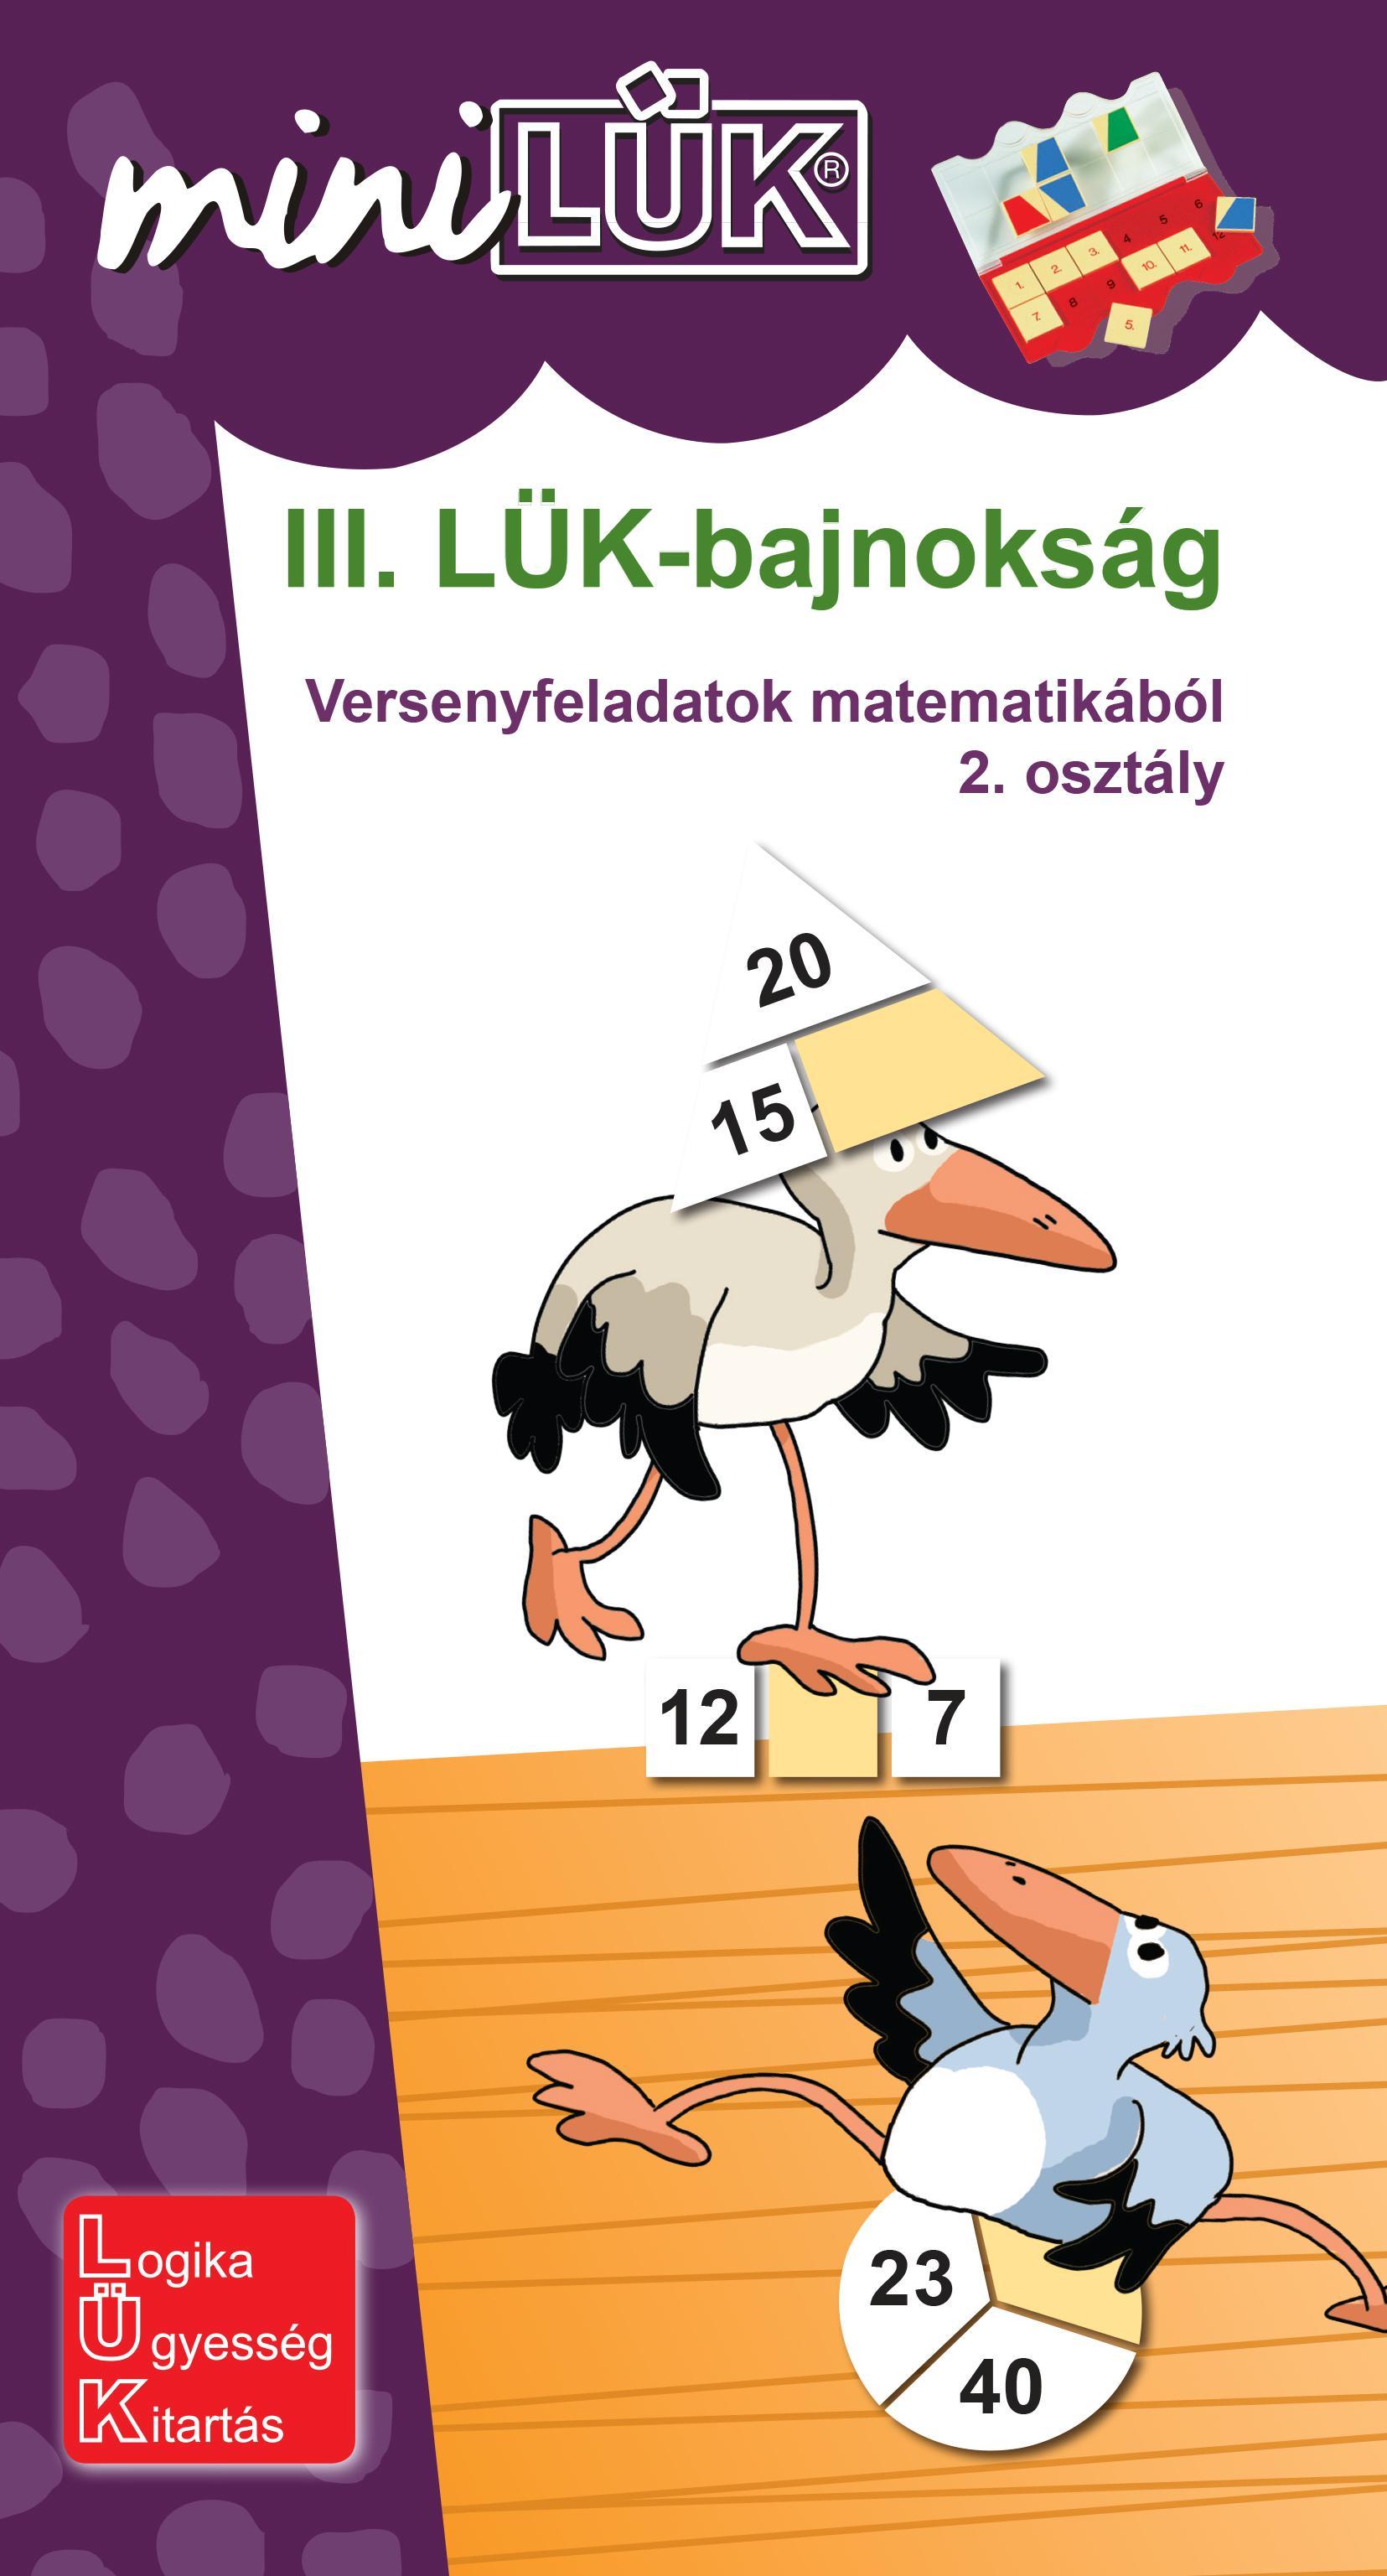 III. LÜK-BAJNOKSÁG - 2.OSZT., VERSENYFELADATOK MATEMATIKÁBÓL